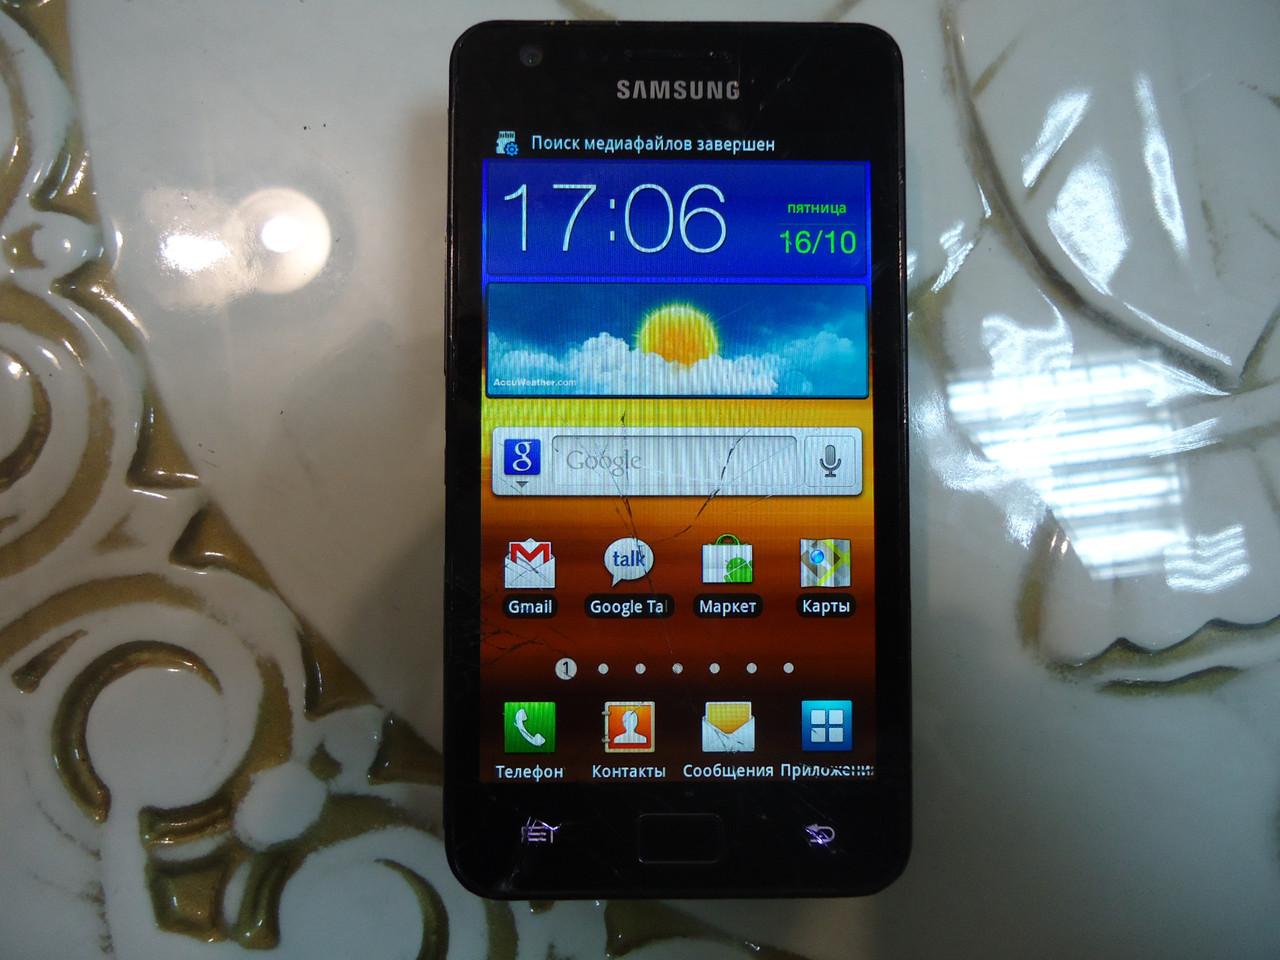 Мобильный телефон Samsung Galaxy S II GT-I9100 на запчасти